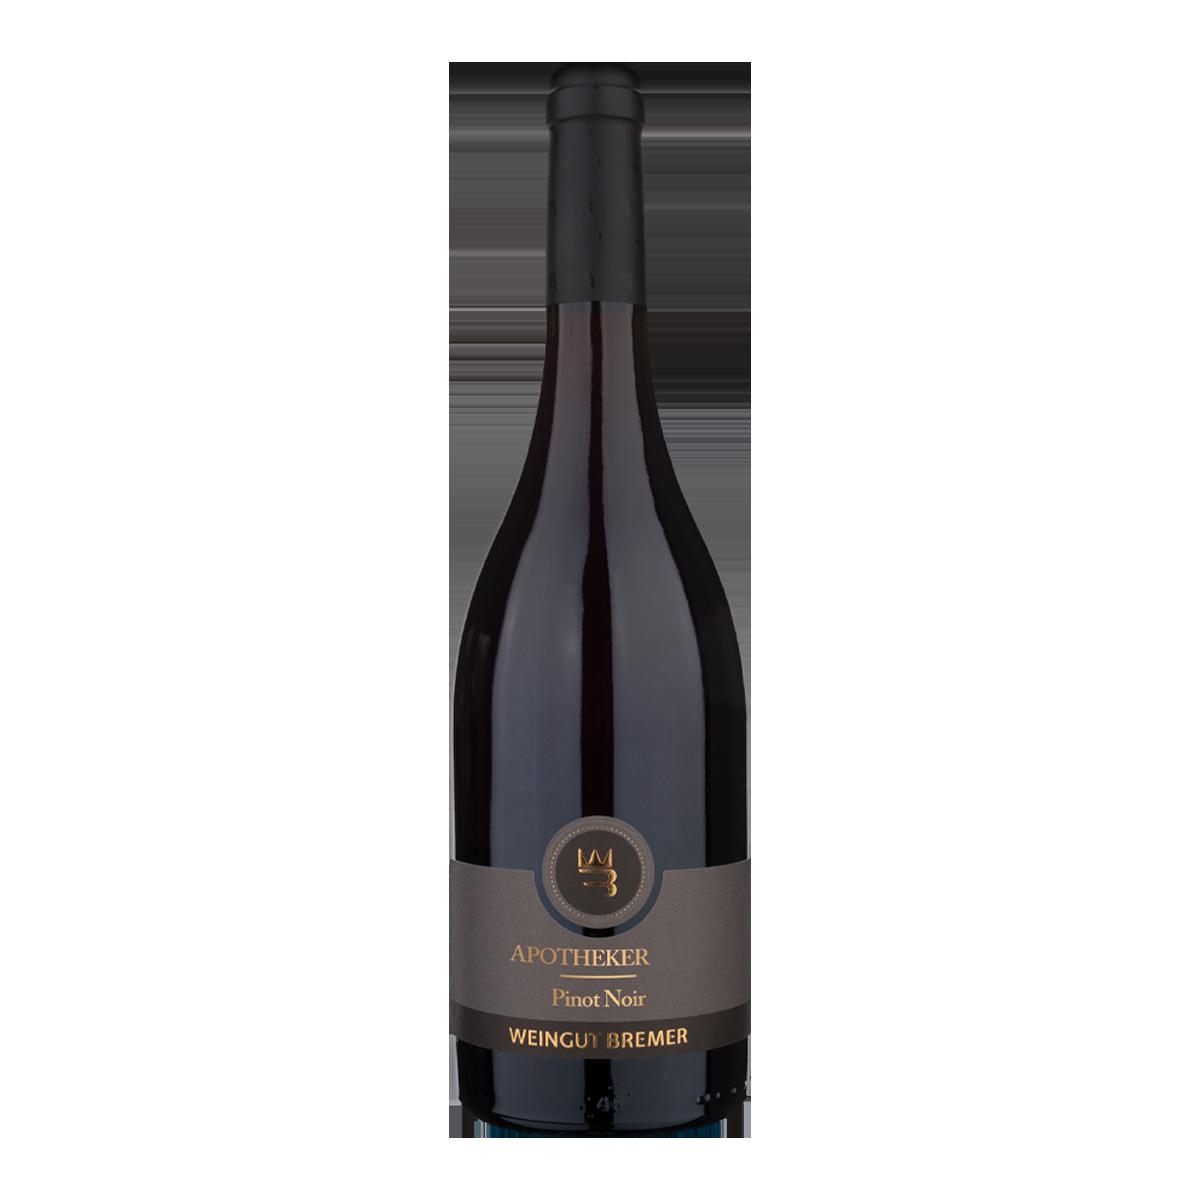 DMA1102-18 德國布雷默酒莊靈藥黑皮諾紅酒 Weingut Bremer Apotheker Pinot Noir Qualitätswein Trocken (750ML)